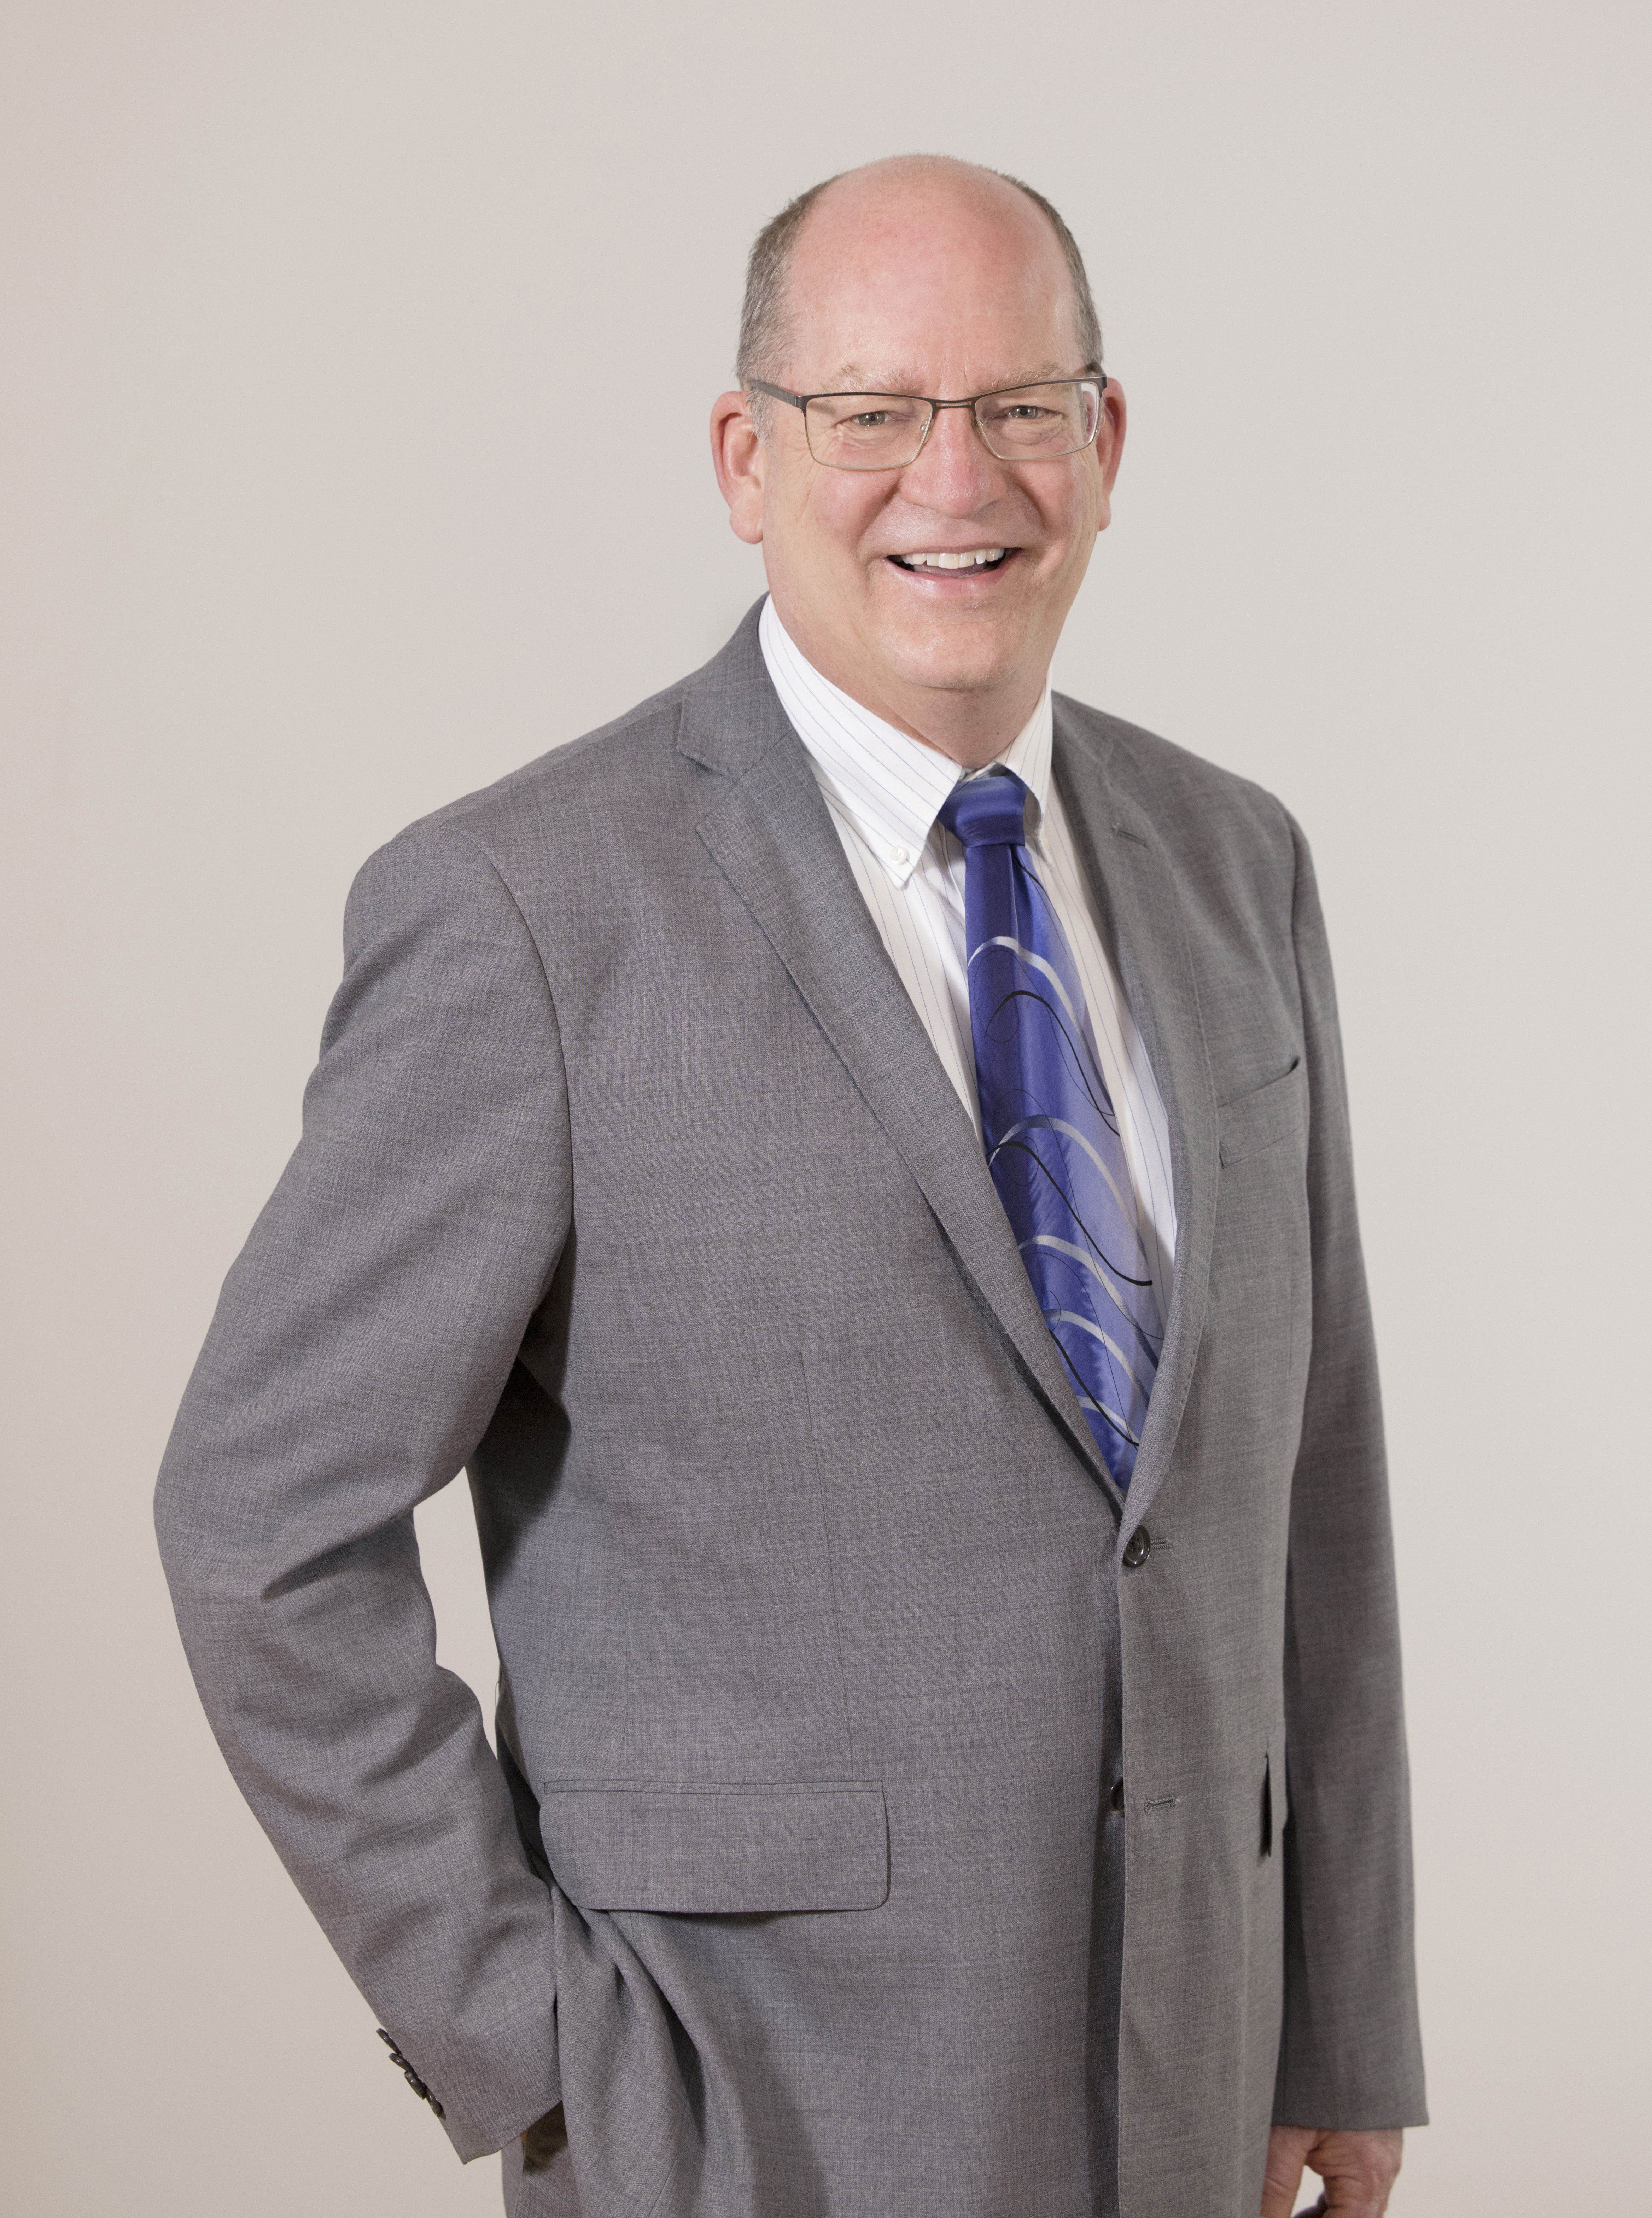 Mick Schwedler, 2021-22 ASHRAE President